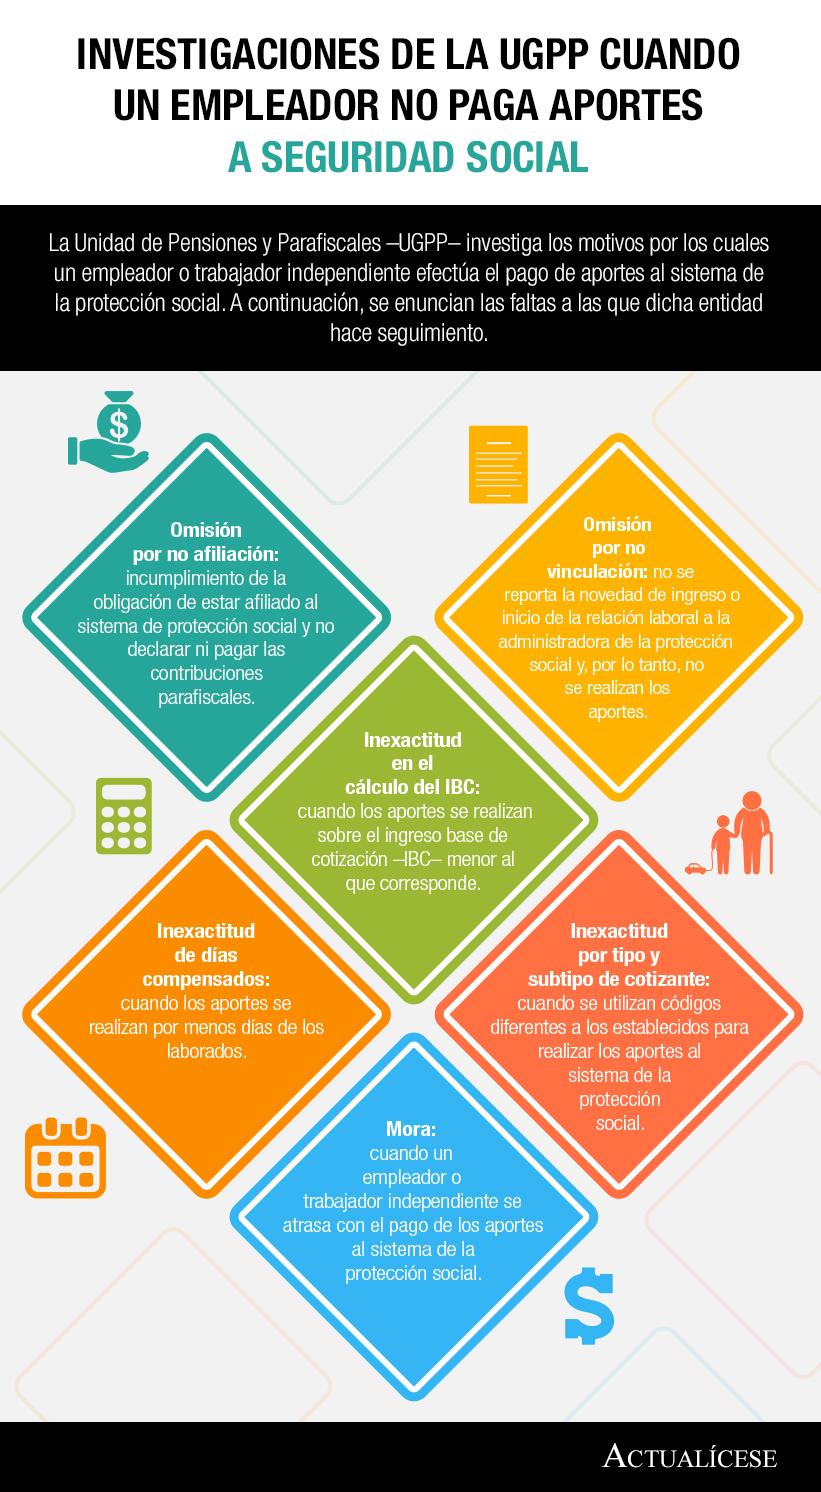 [Infografía] Investigaciones de la UGPP cuando un empleador no paga aportes a seguridad social